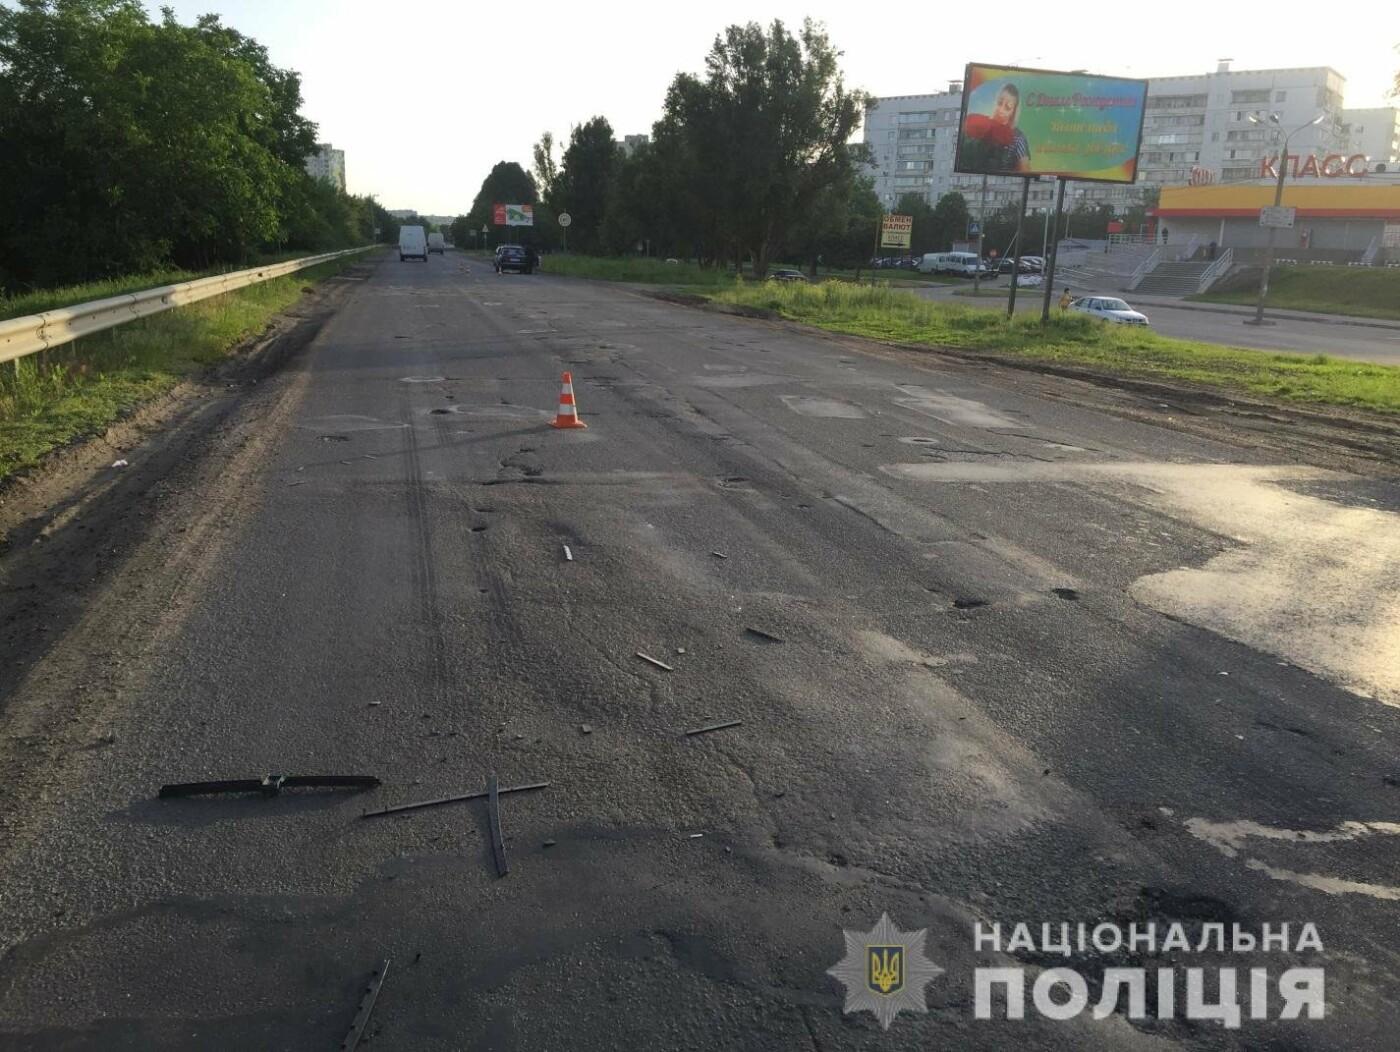 Харьковская полиция разыскивает свидетелей ДТП, в котором пострадал пешеход, - ФОТО, фото-1